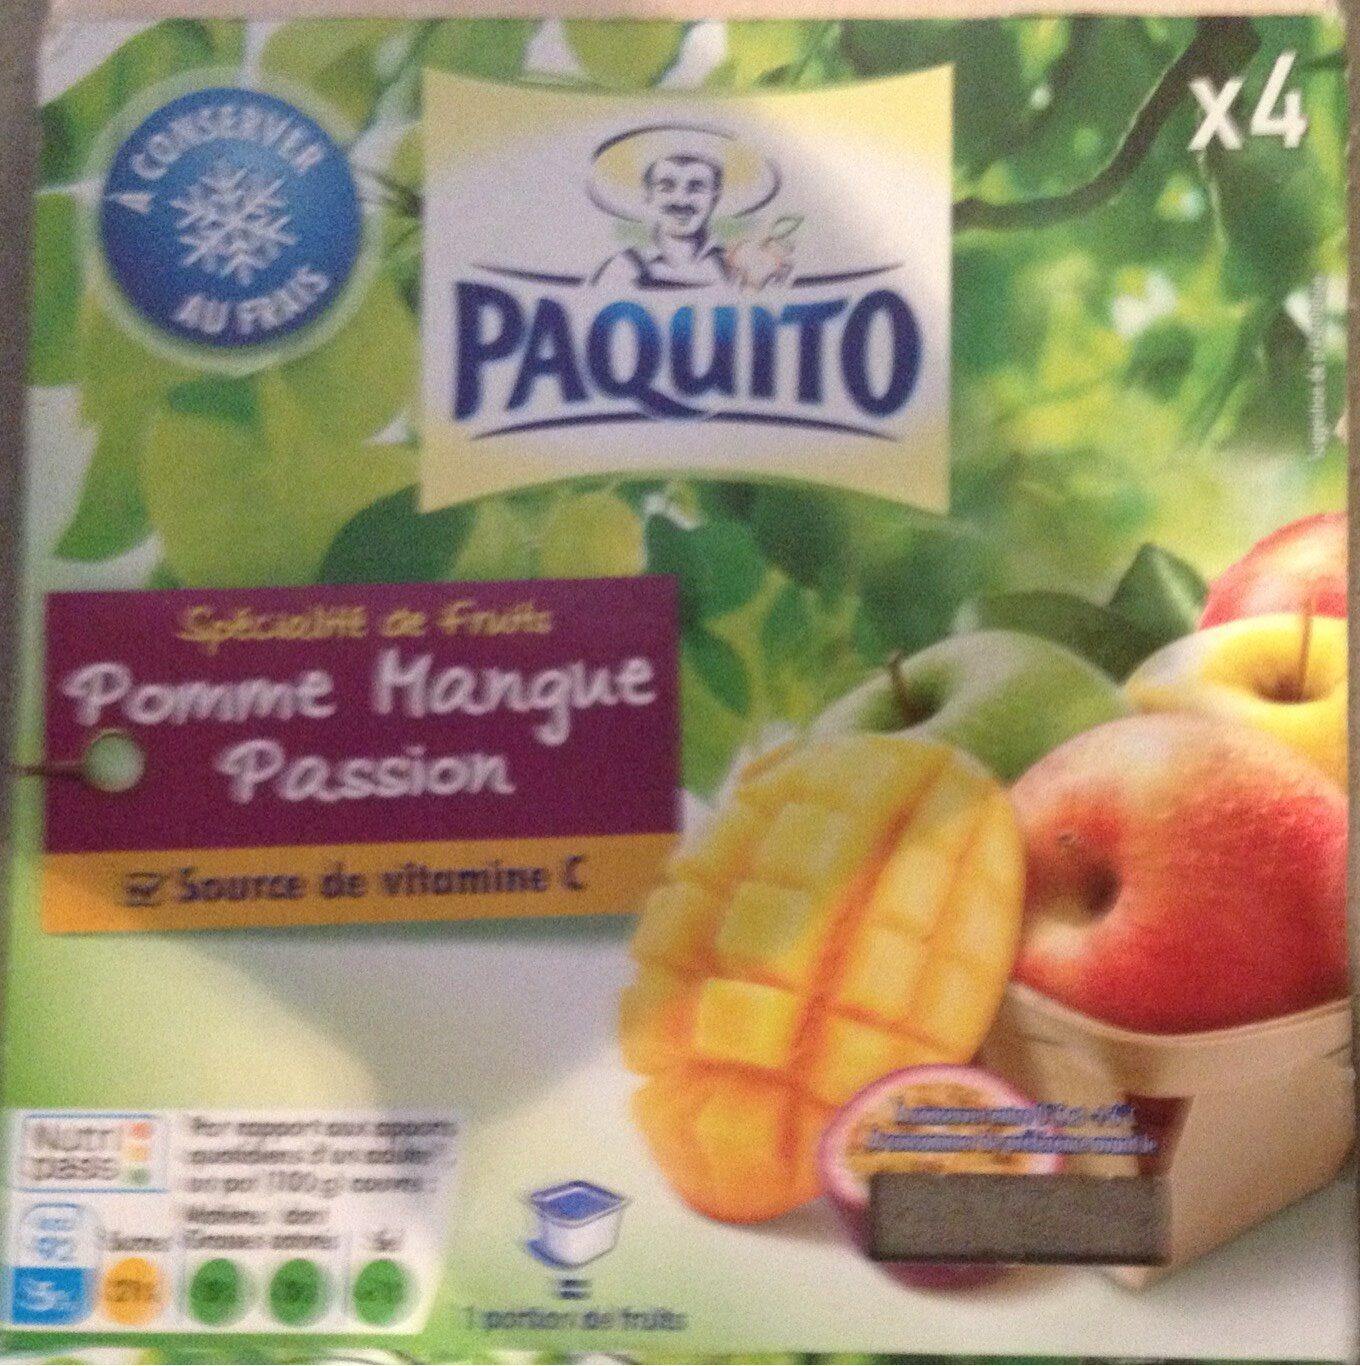 Dessert De Fruits Pomme Mangue Passion, 4 x 100g, - Produit